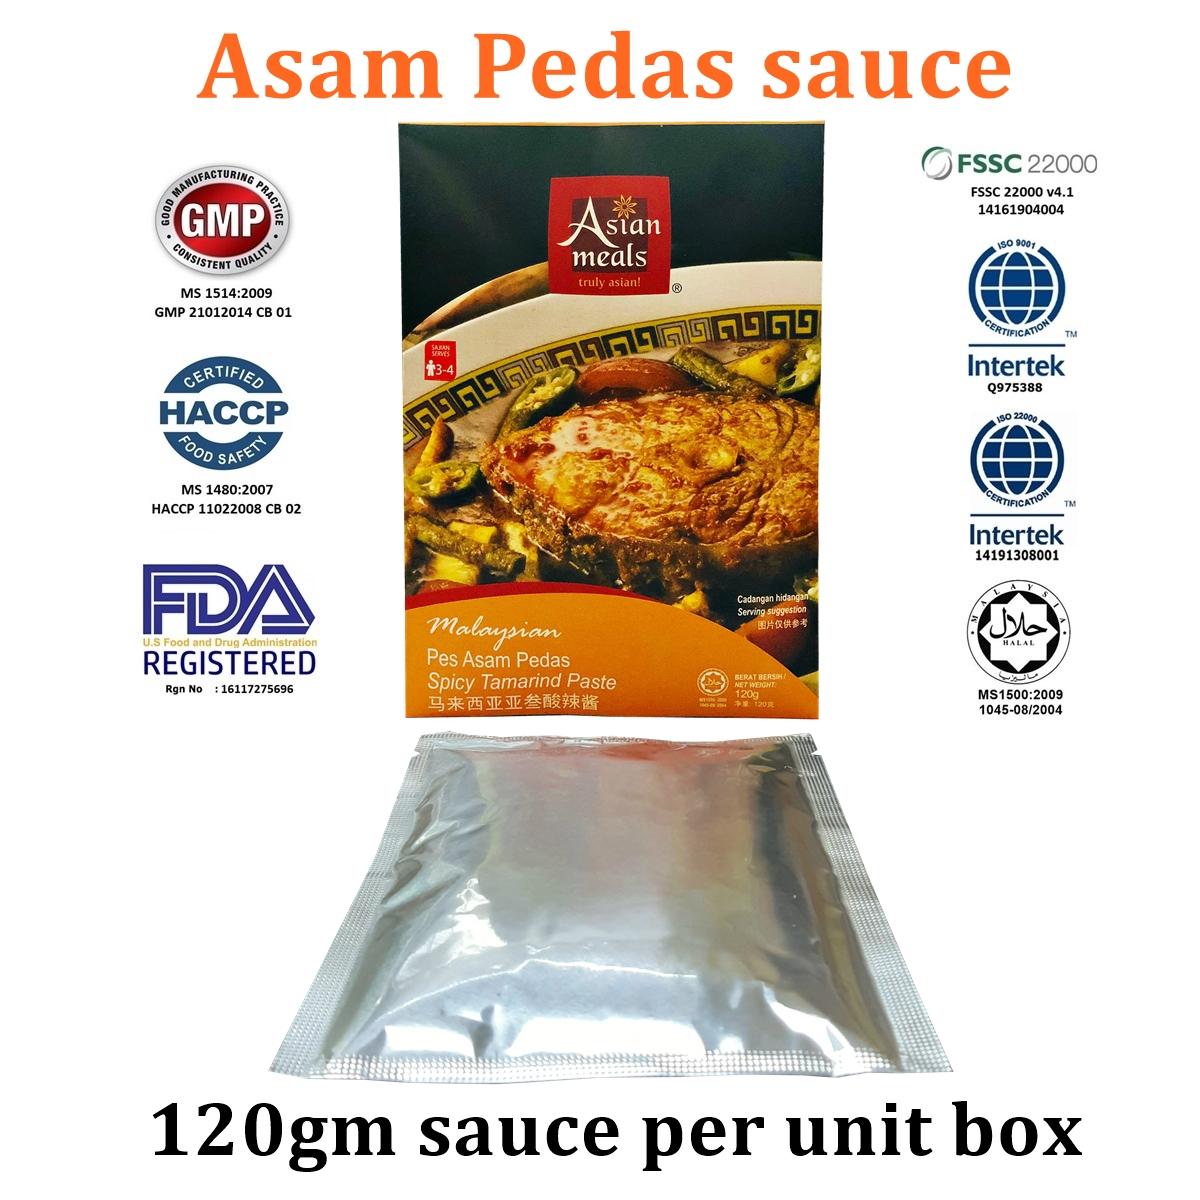 AsianMeals® Asam Pedas sauce 120gm